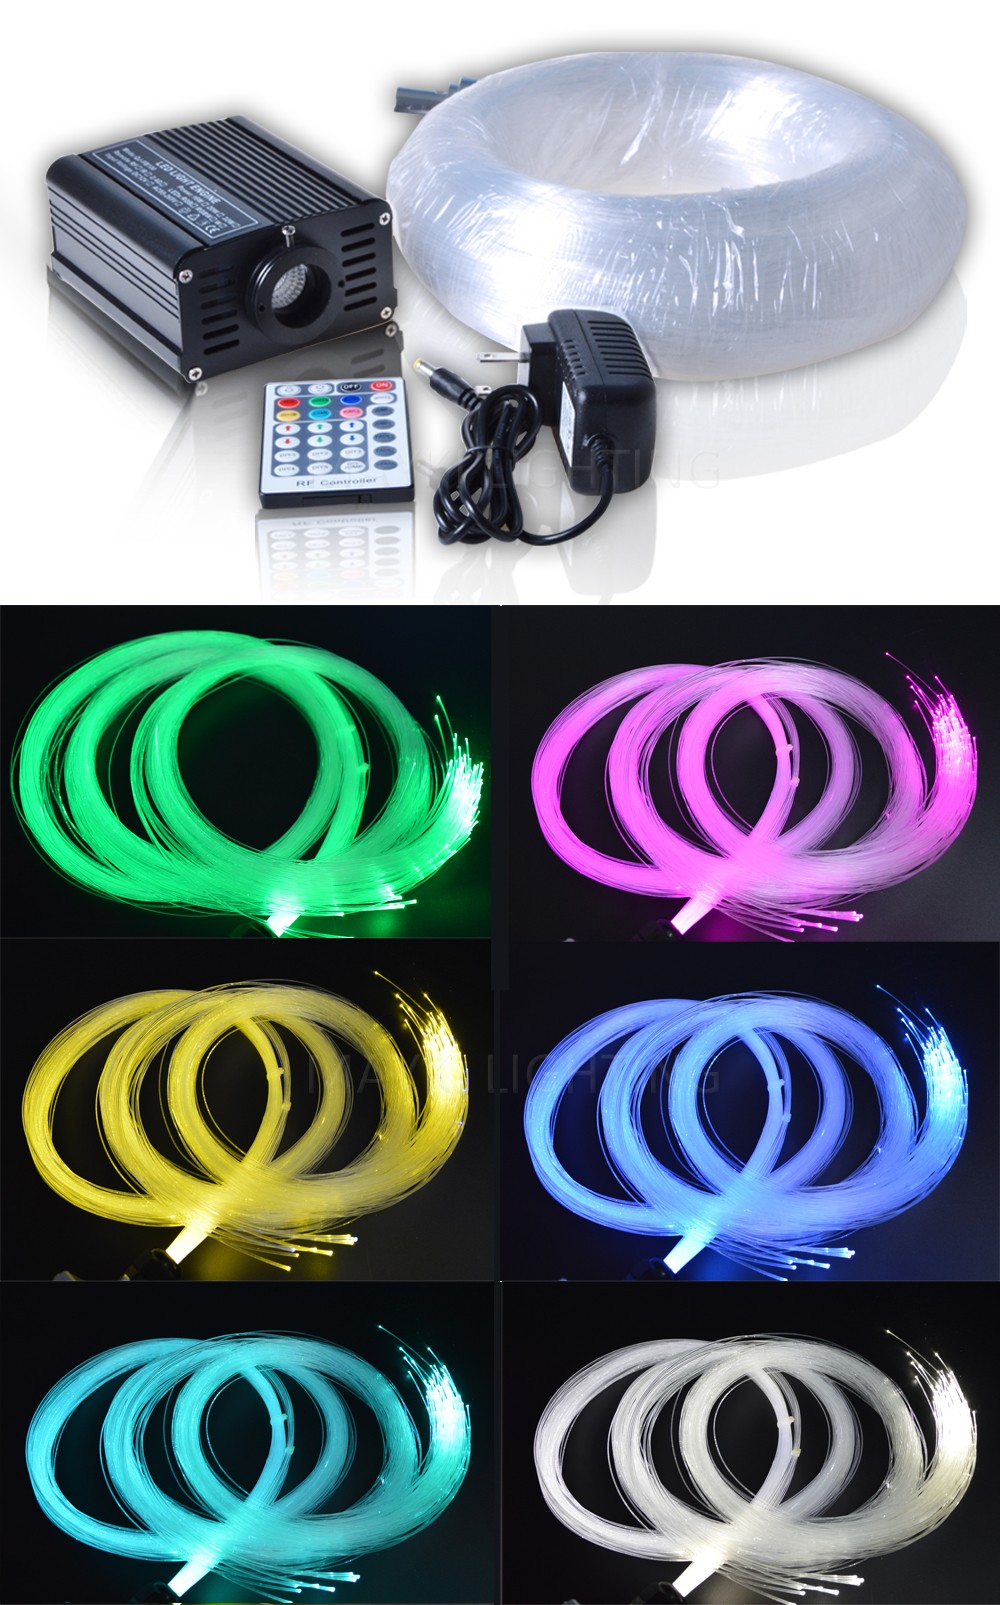 MK-L32W-1-fiber-optic-star-ceiling-kit-3